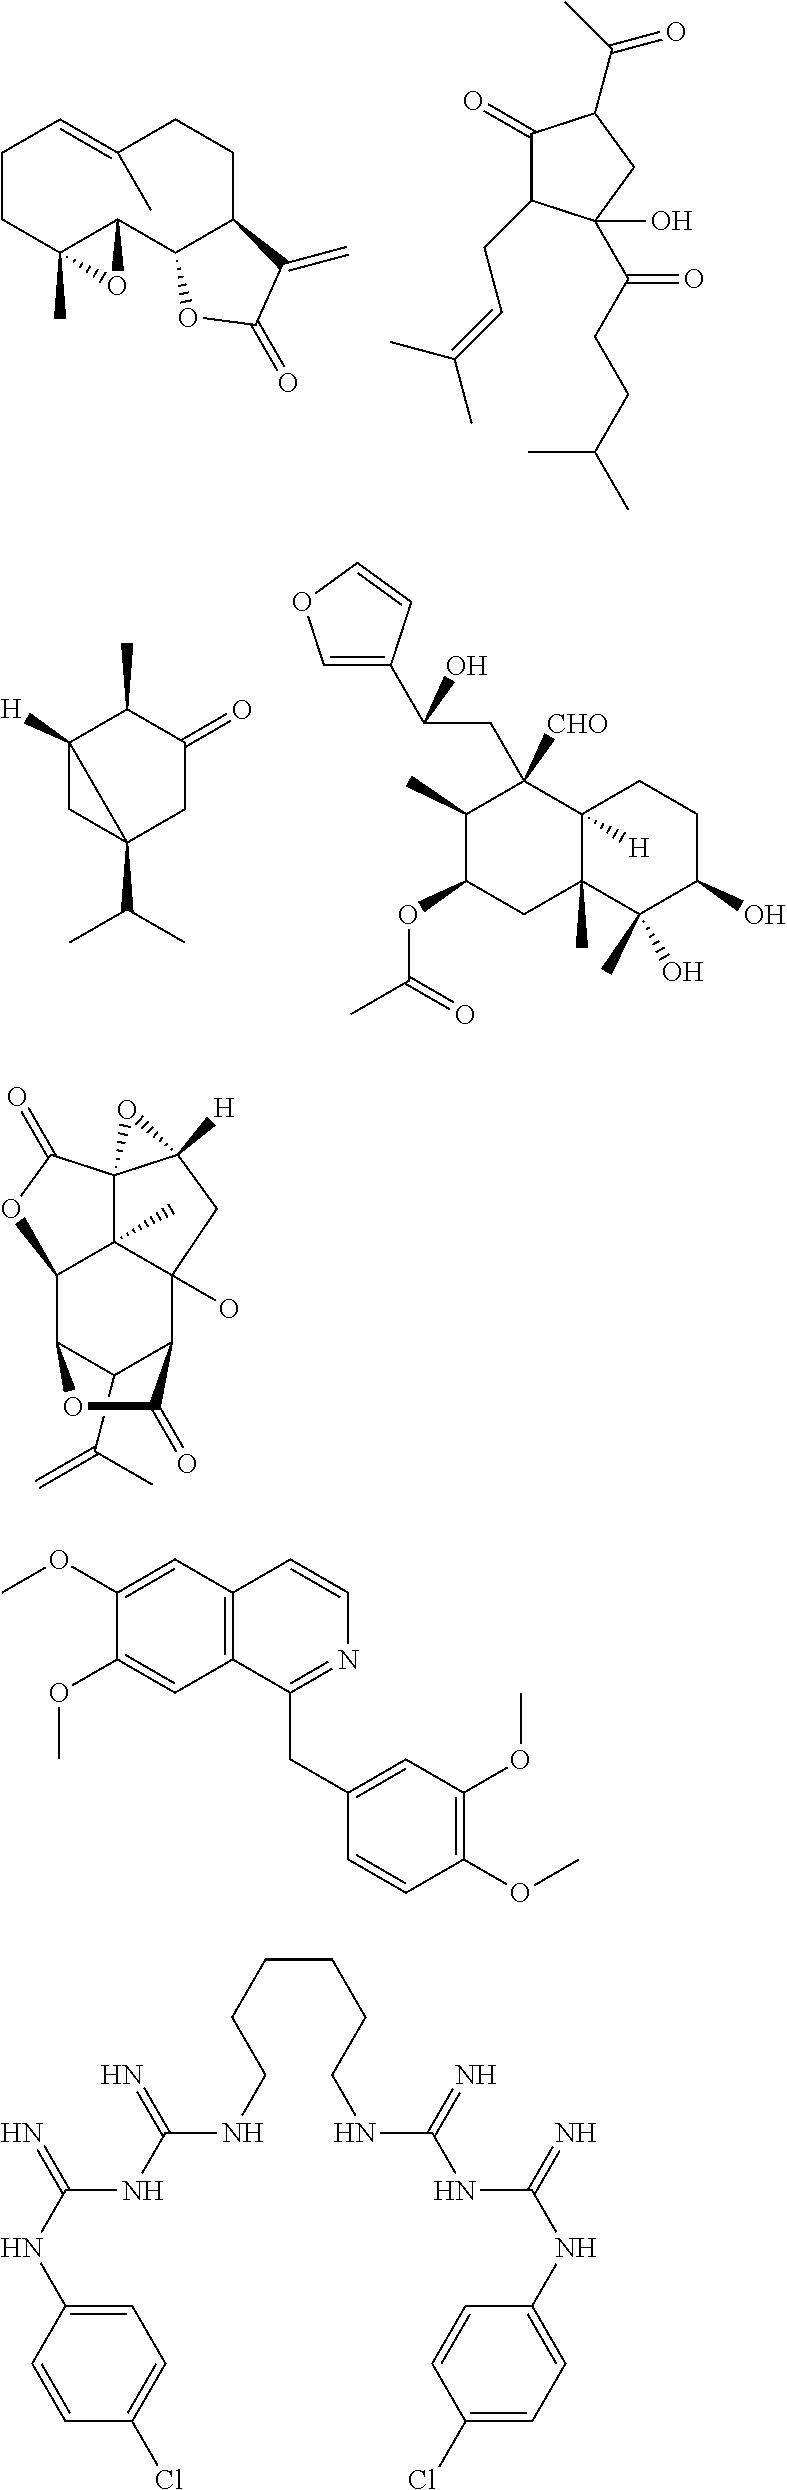 Figure US09962344-20180508-C00107